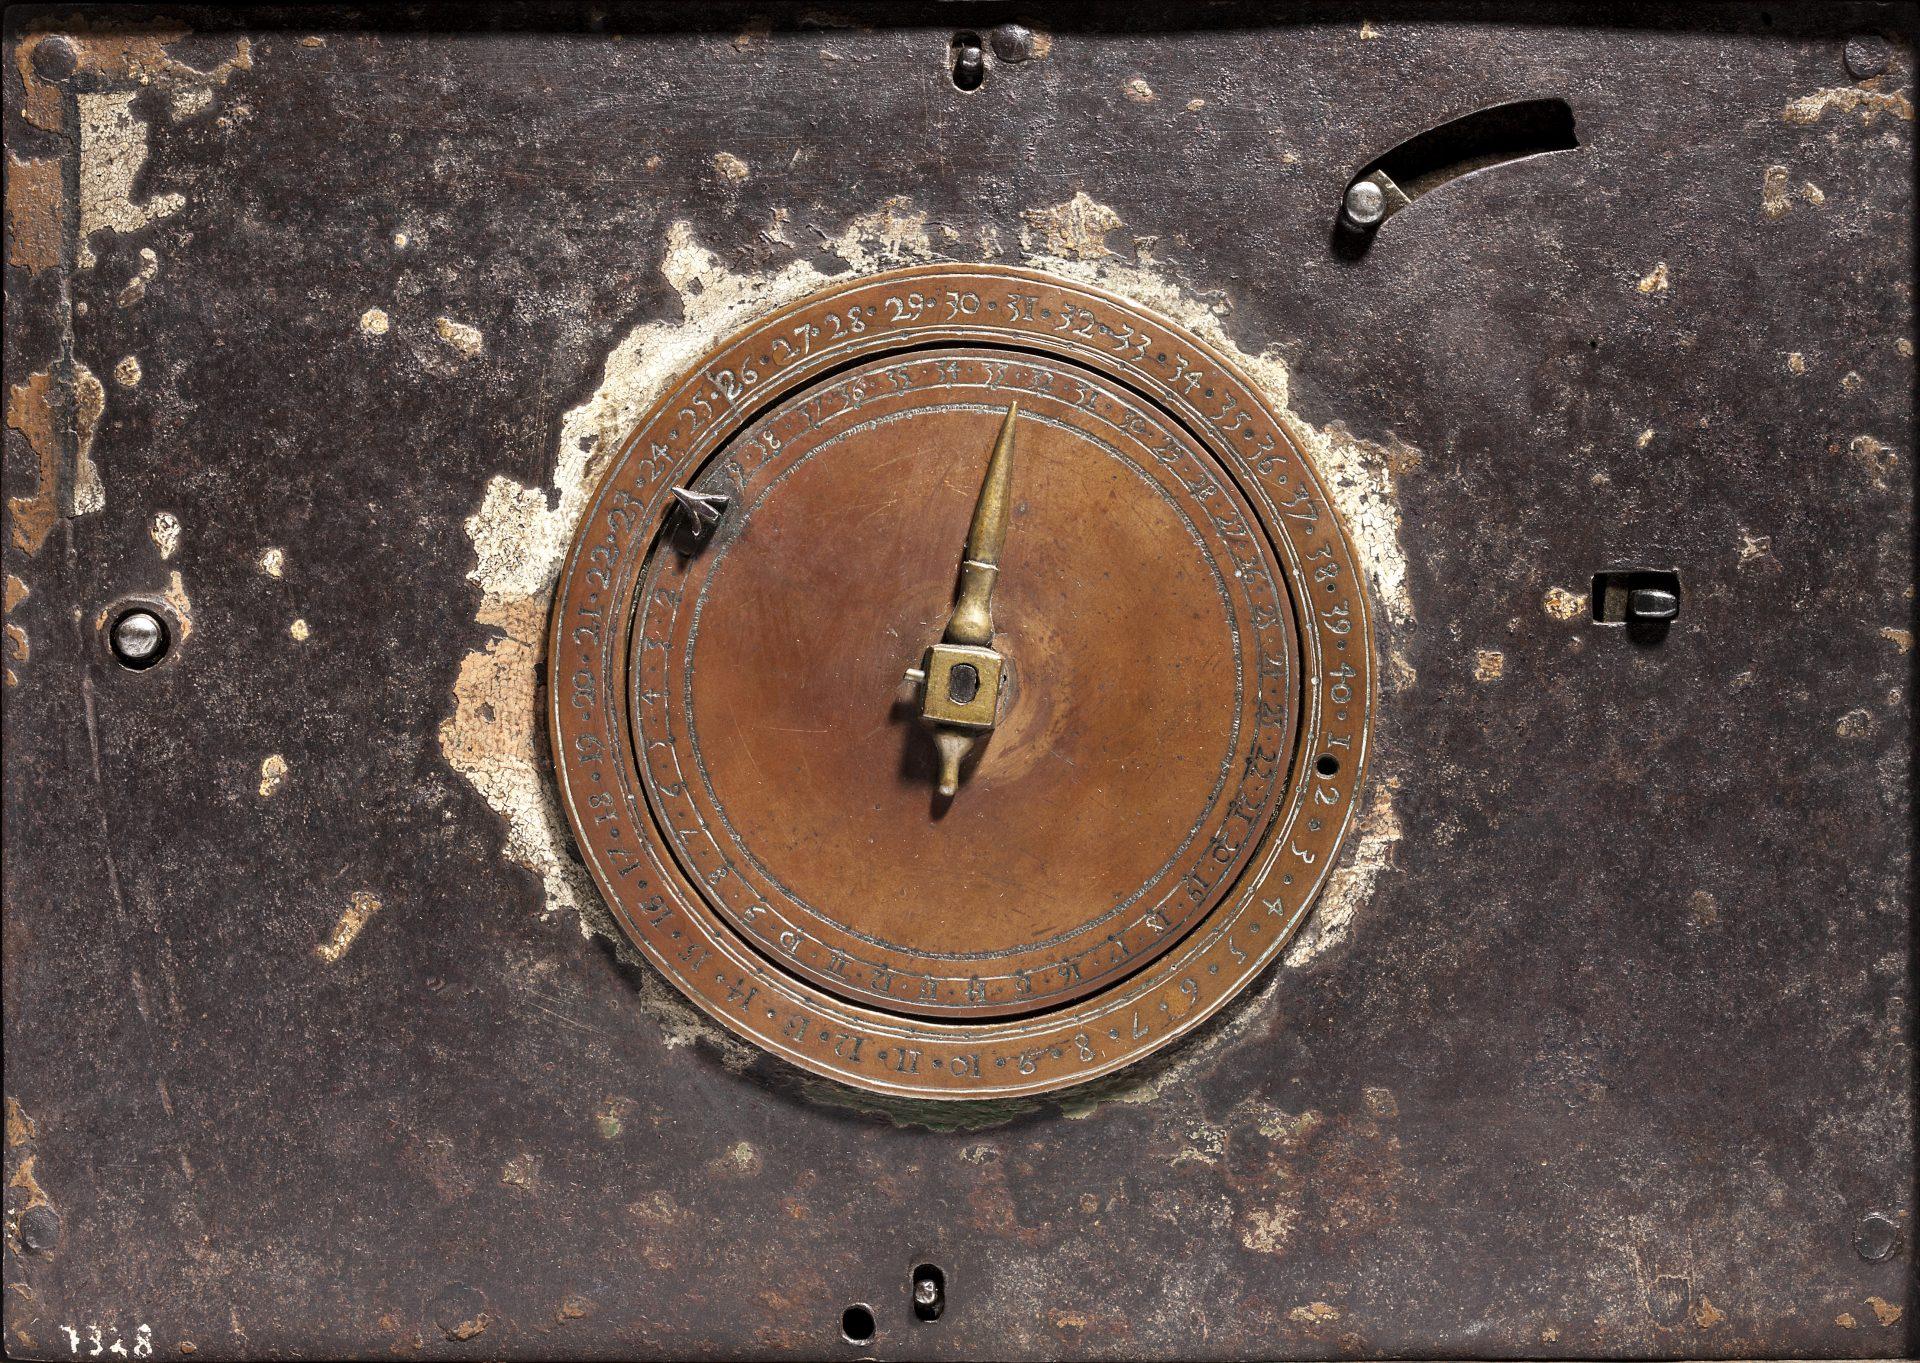 Framsidan av ett detonationsurverk. I mitten en urtavla med en visare. Runt kanten siffrorna 1 till 40.